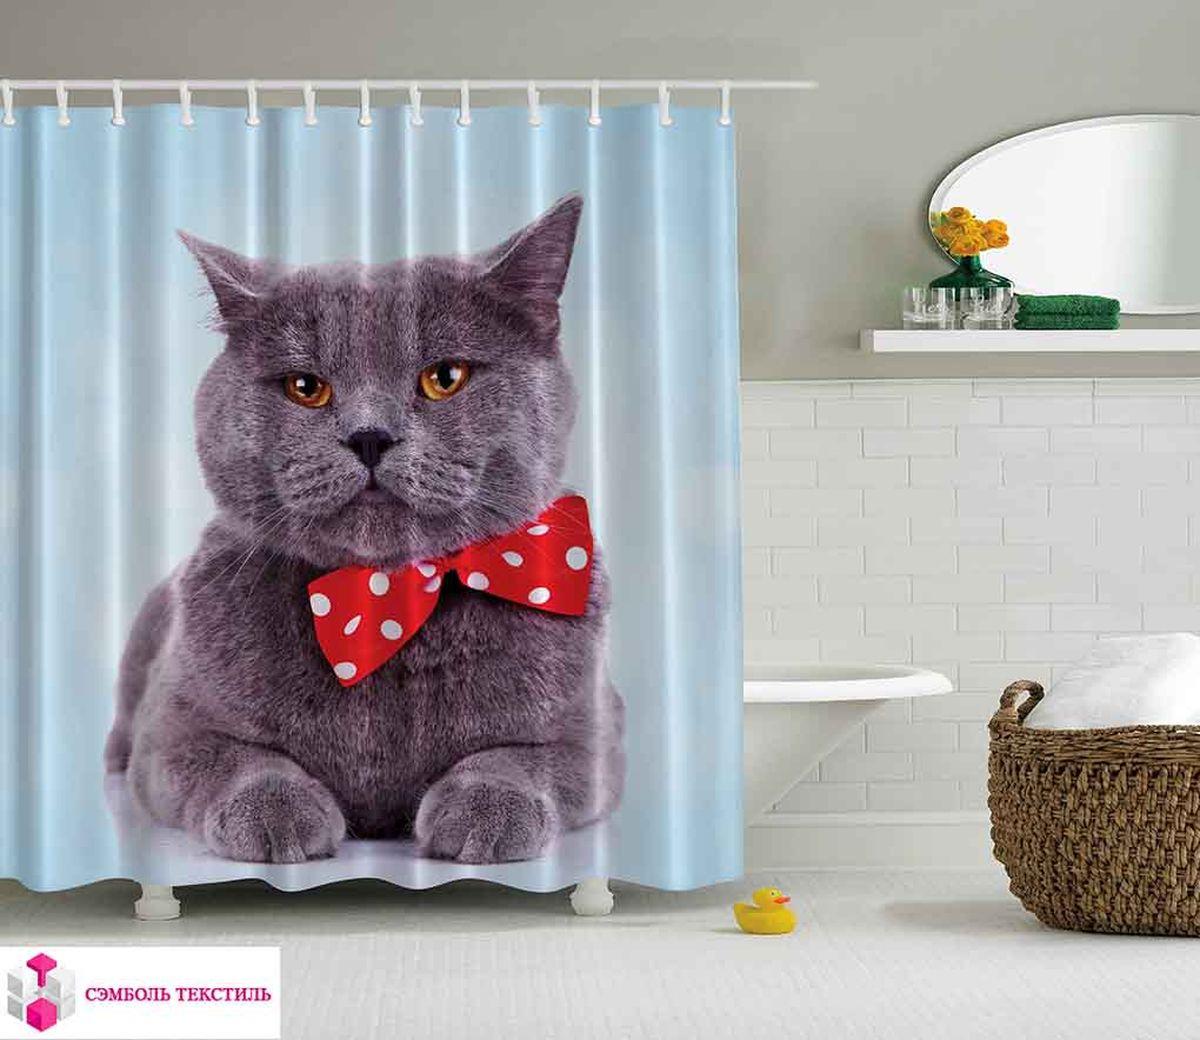 Штора для ванной комнаты Magic Lady Пушистый кот с бантиком, 180 х 200 смxx005-04Компания Сэмболь изготавливает шторы из высококачественного сатена (полиэстер 100%). При изготовлении используются специальные гипоаллергенные чернила для прямой печати по ткани, безопасные для человека и животных. Экологичность продукции Magic lady и безопасность для окружающей среды подтверждены сертификатом Oeko-Tex Standard 100. Крепление: крючки (12 шт.). Внимание! При нанесении сублимационной печати на ткань технологическим методом при температуре 240 С, возможно отклонение полученных размеров, указанных на этикетке и сайте, от стандартных на + - 3-5 см. Мы стараемся максимально точно передать цвета изделия на наших фотографиях, однако искажения неизбежны и фактический цвет изделия может отличаться от воспринимаемого по фото. Обратите внимание! Шторы изготовлены из полиэстра сатенового переплетения, а не из сатина (хлопок). Размер шторы 180*200 см. В комплекте 1 штора и 12 крючков.